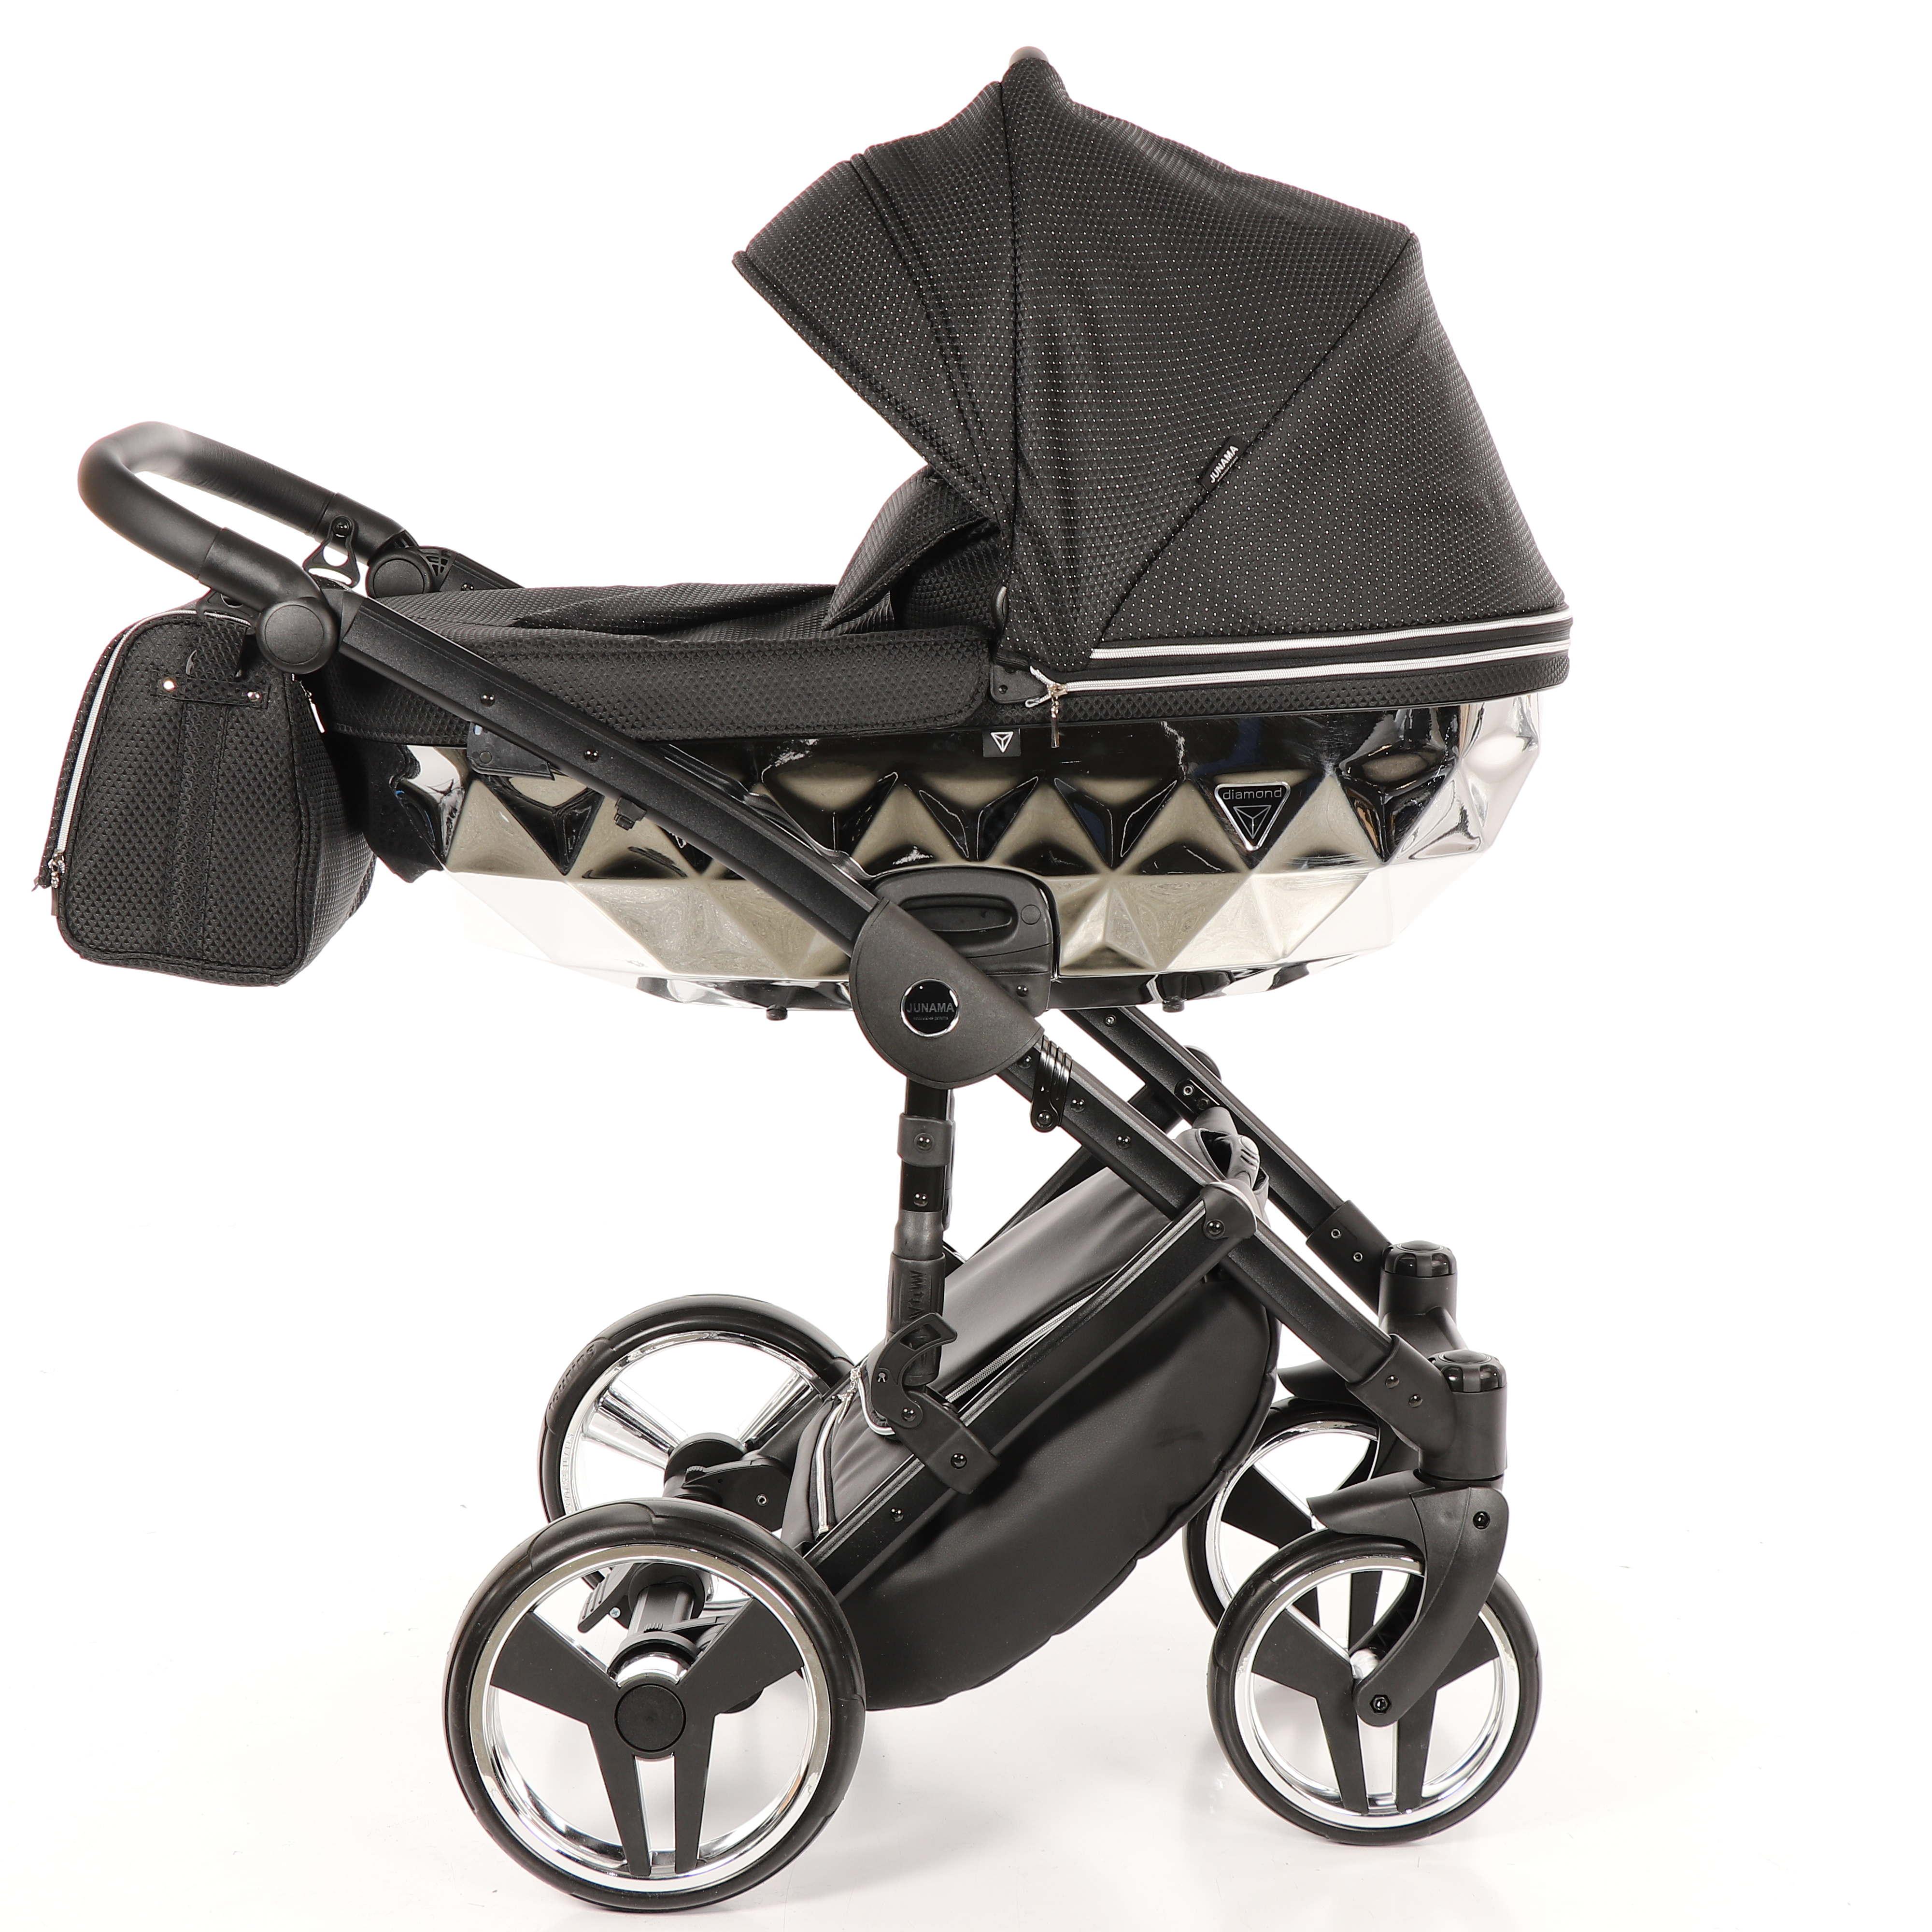 wielfunkcyjny wózek dzieciecy Junama Mirror Błysk srebrny 03